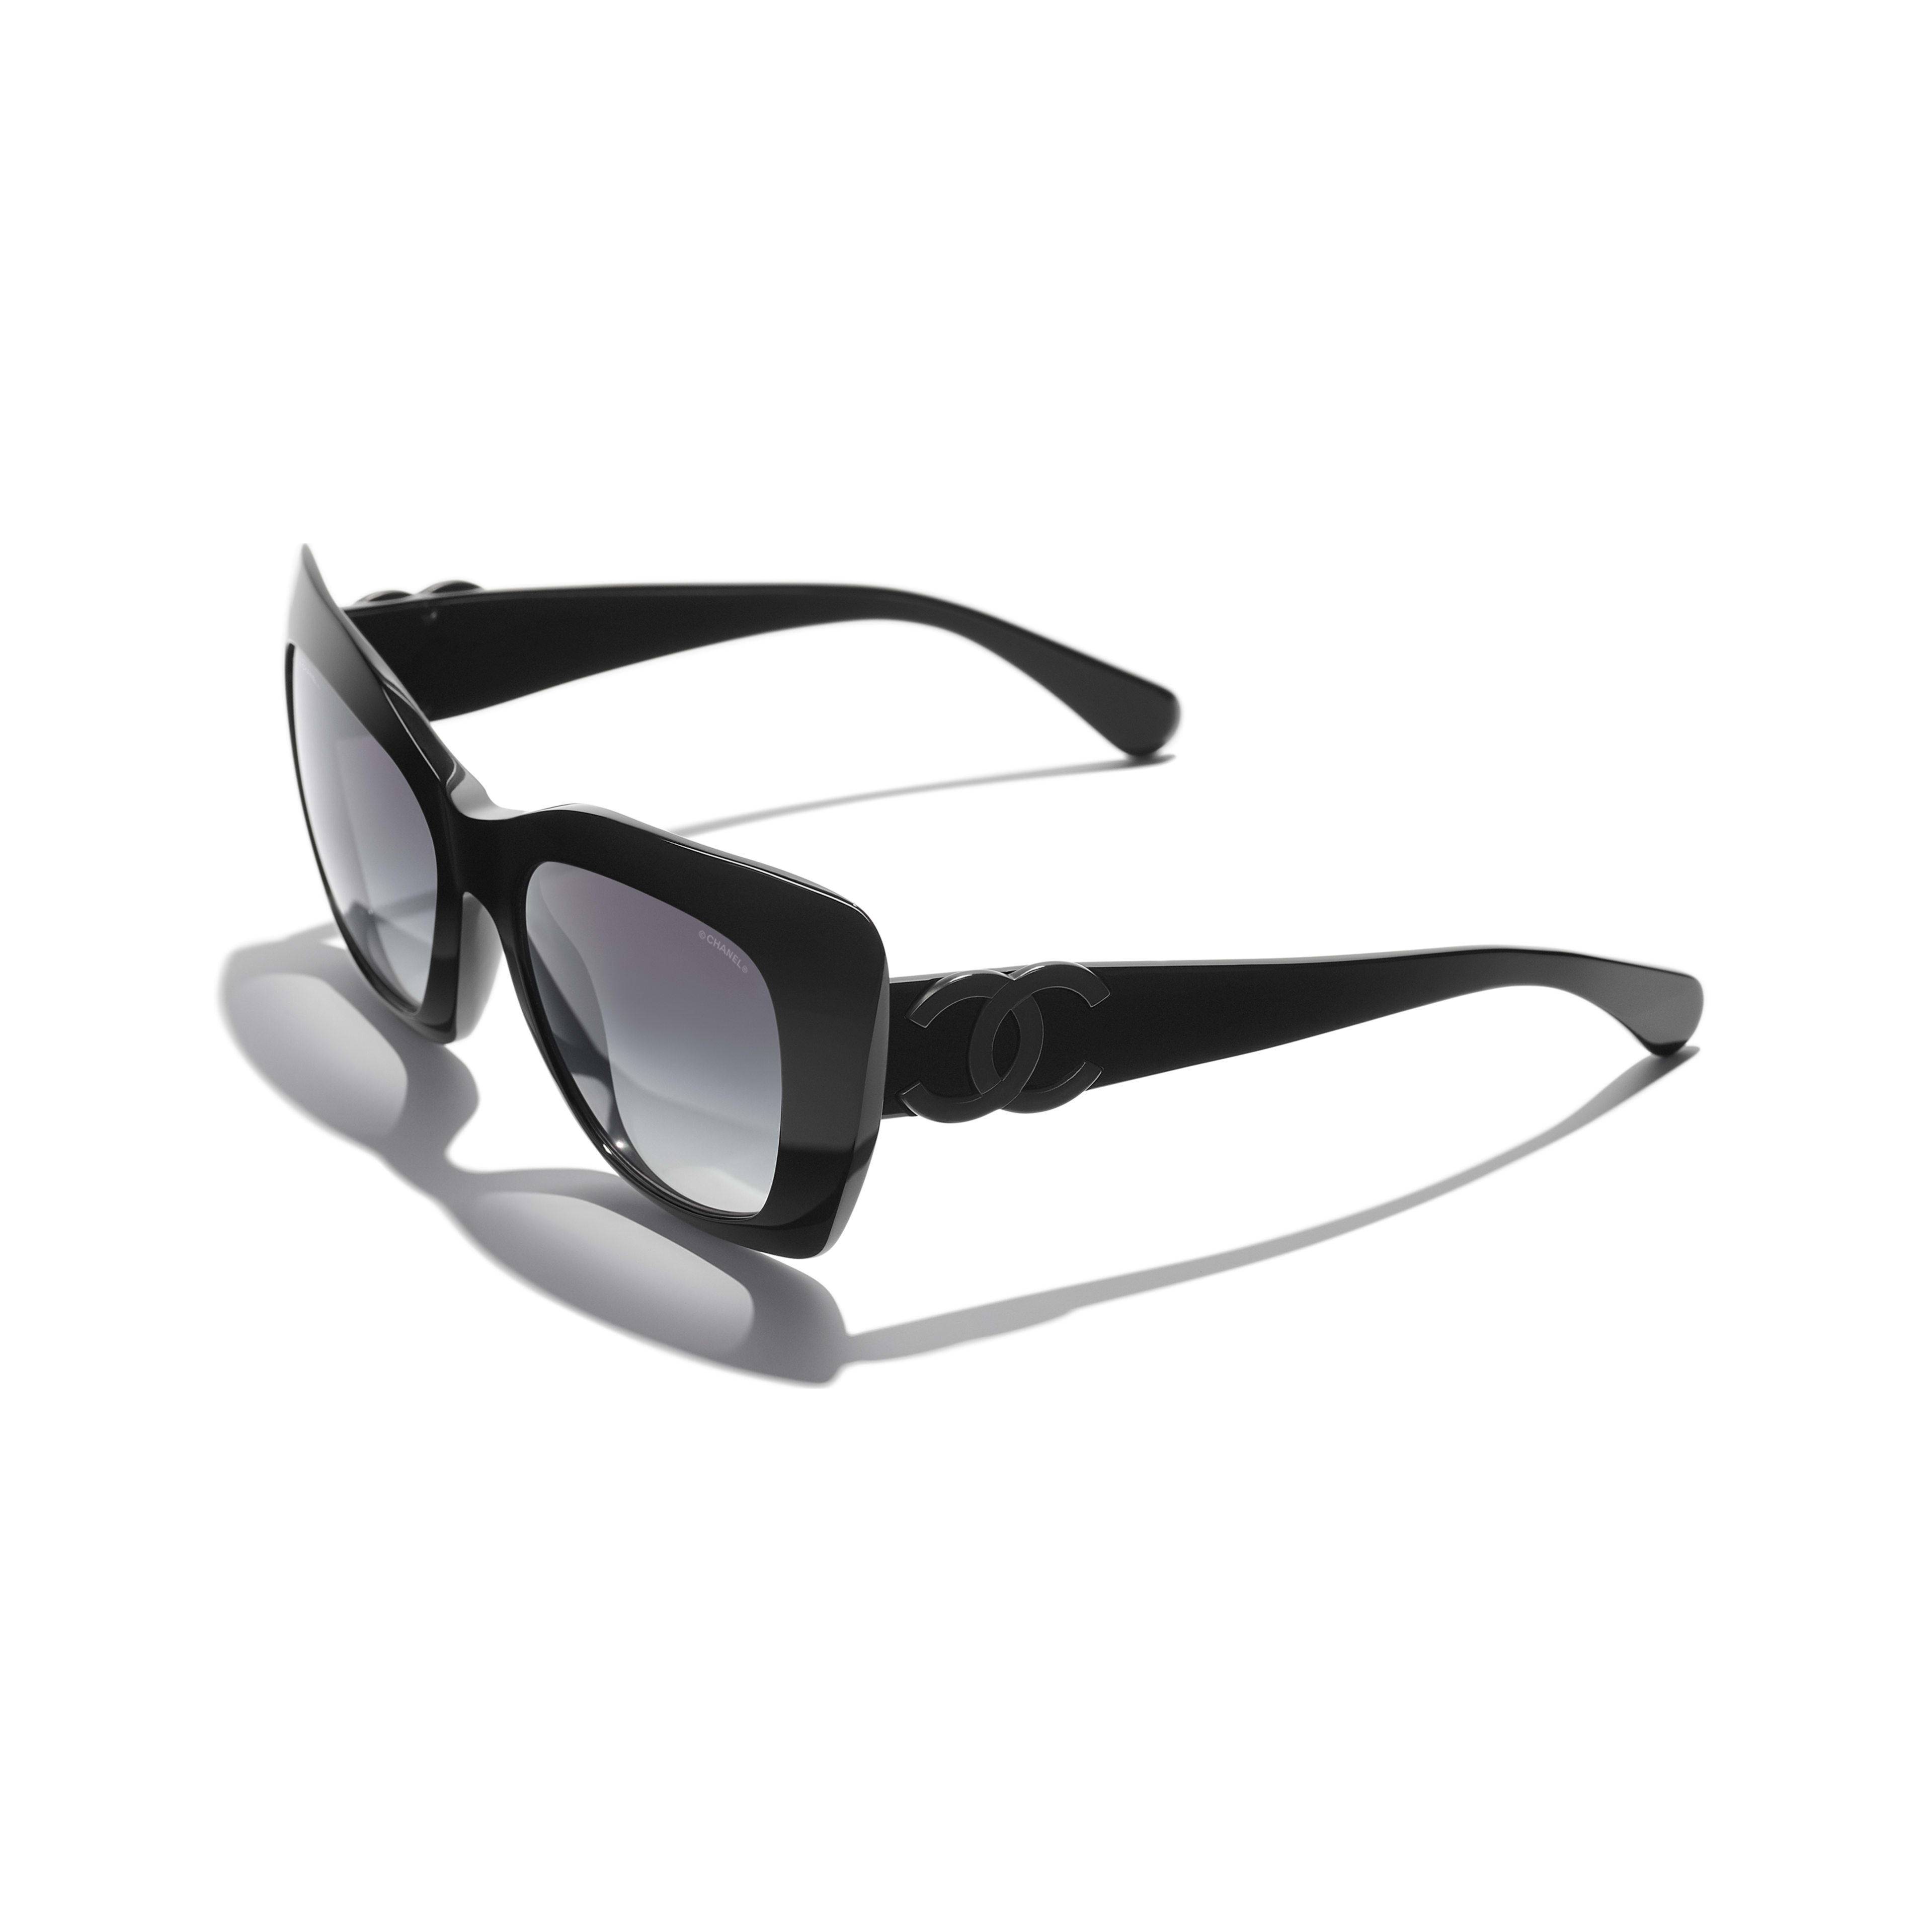 Óculos de sol com formato felino - Preto - Acetato - CHANEL - Vista extra - ver a versão em tamanho standard